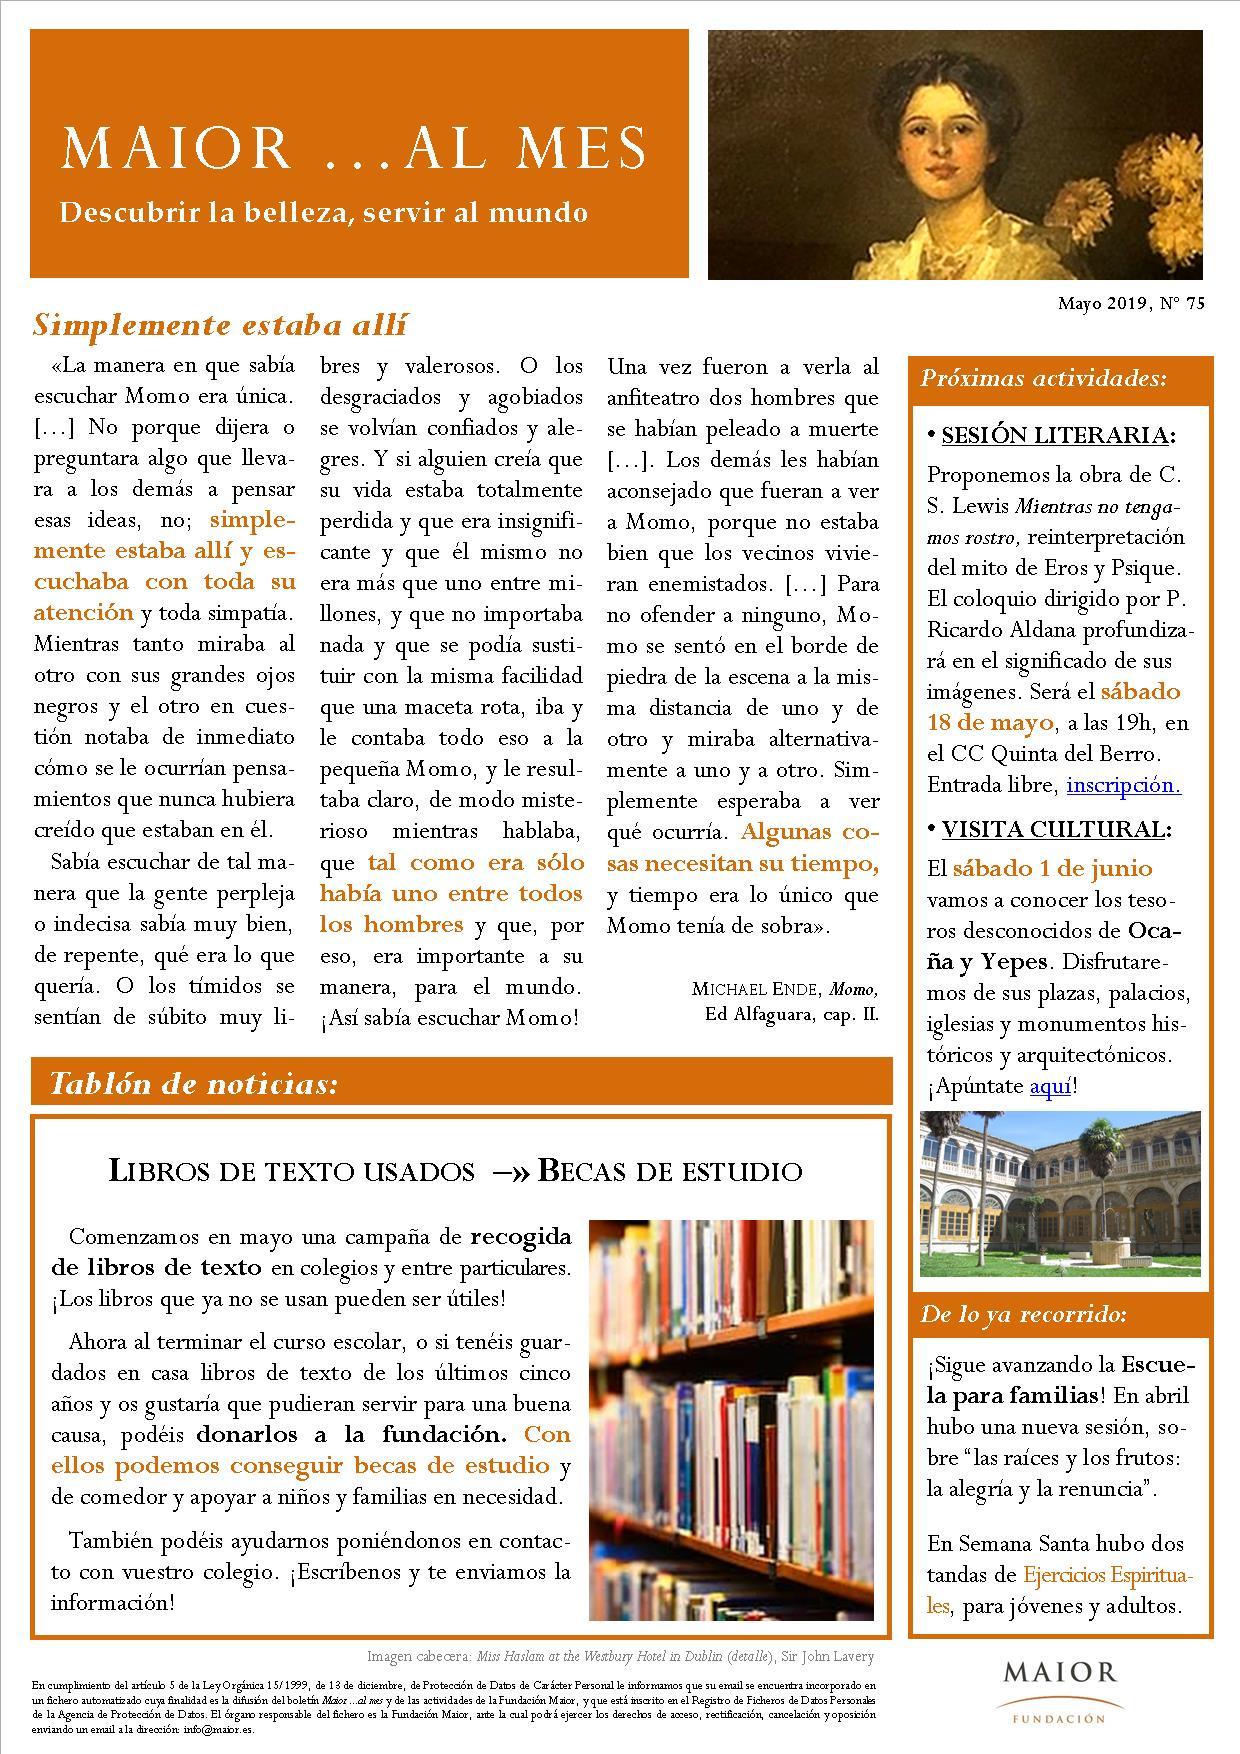 Boletín mensual de noticias y actividades de la Fundación Maior. Edición de mayo 2019